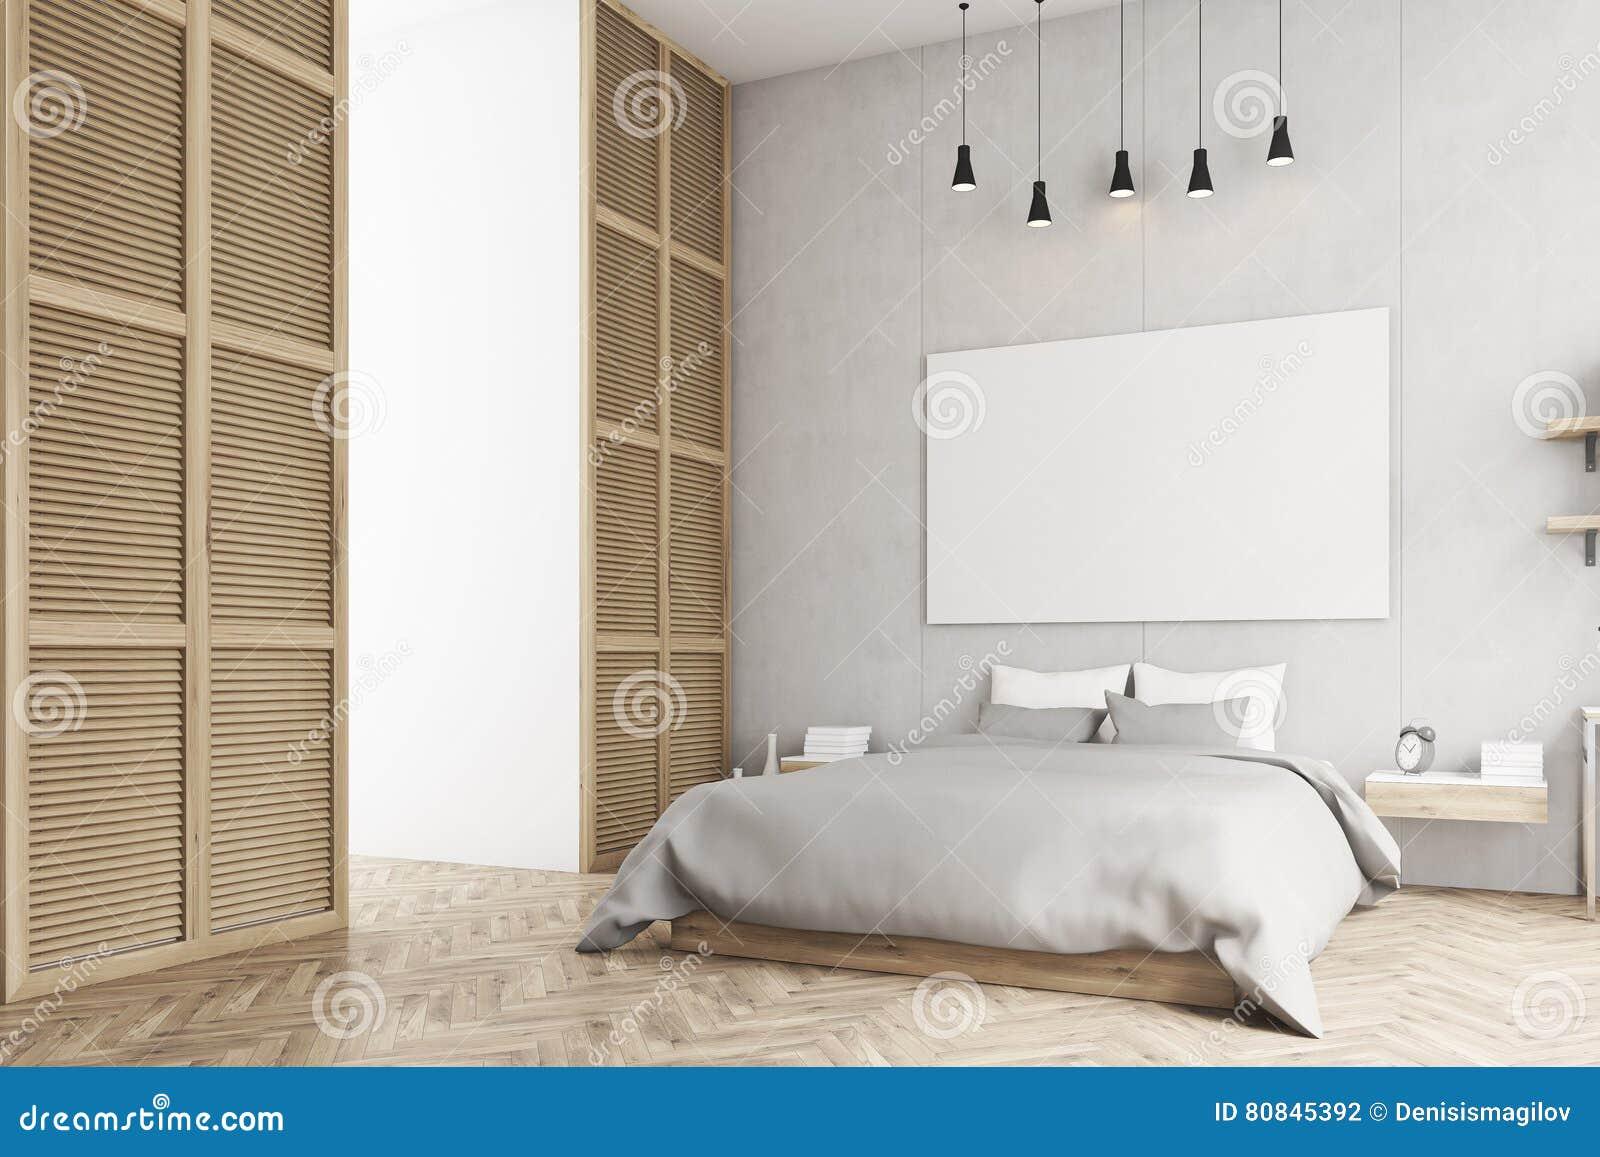 Slaapkamer Met Affiche En Een Venster In Een Beige Muur Stock ...